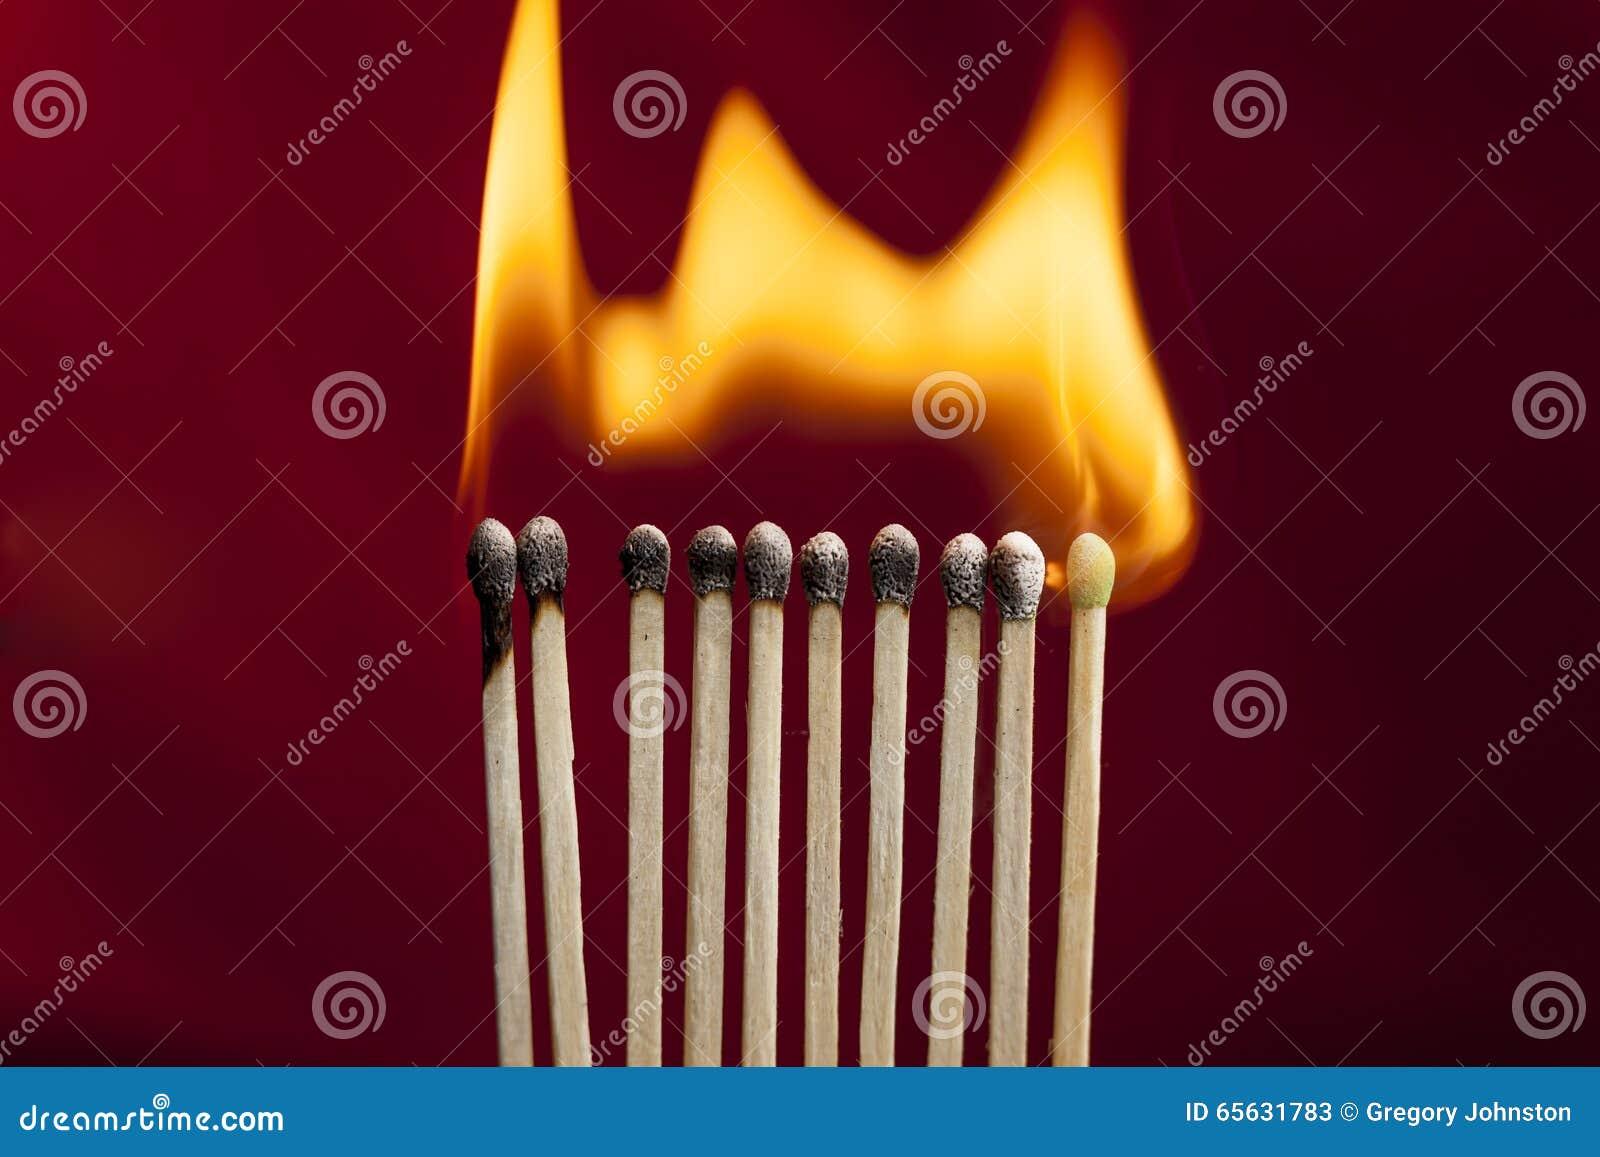 Allumettes sur le feu